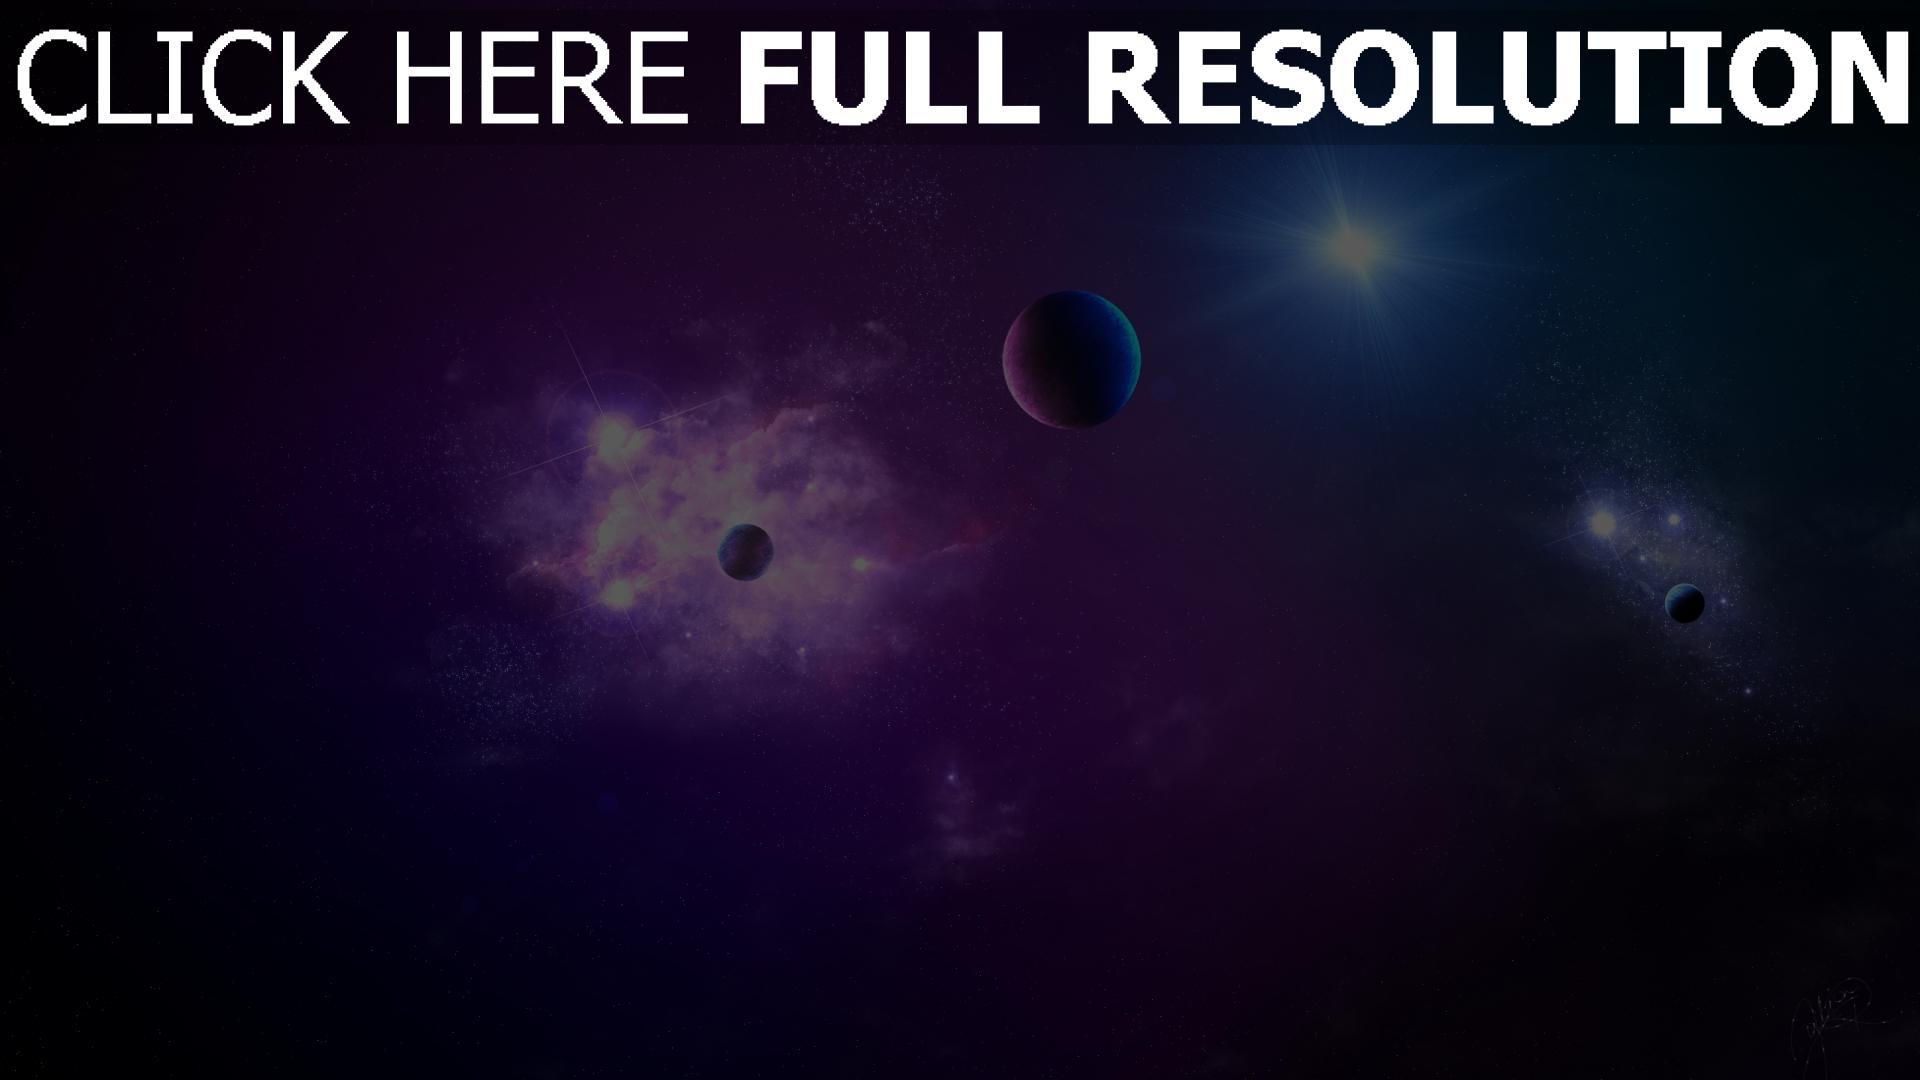 fond d'écran 1920x1080 planète pourpre infini